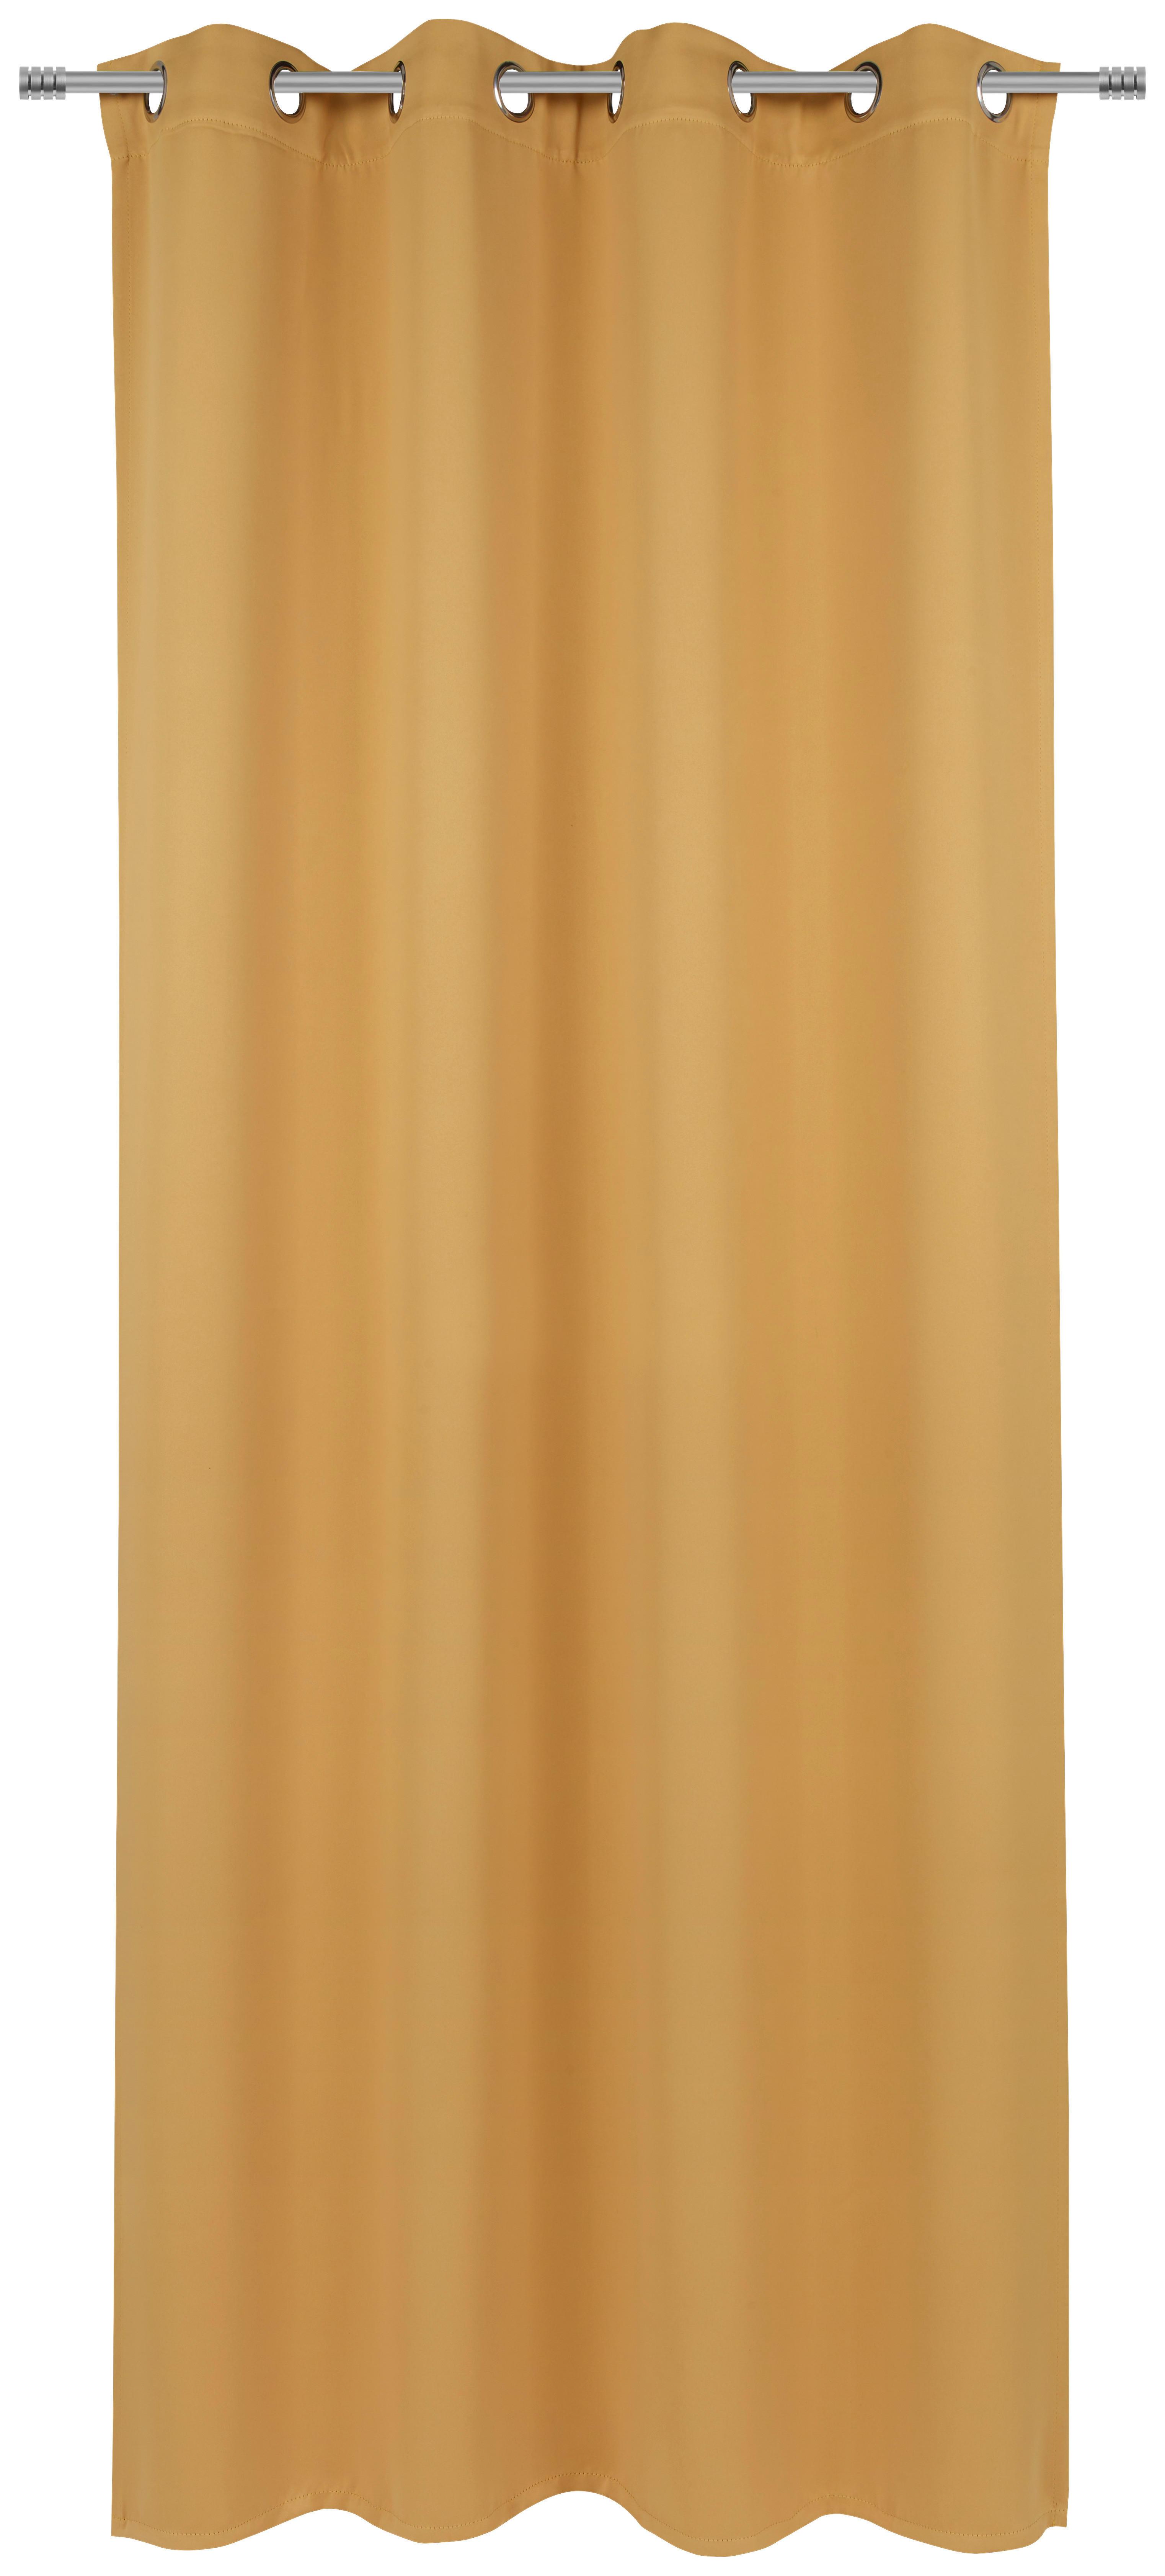 WXhGY Verdunkelungsvorhang Farbe 2 St/ücke /Ösen Gardinen K/älte und W/ärmeisolierung Regenbogen-Graffiti B 75 x H 166 cm Ger/äuschreduzierung f/ür Schlafzimmer Kinderzimmer Wohnzimmer Kinderzimmer